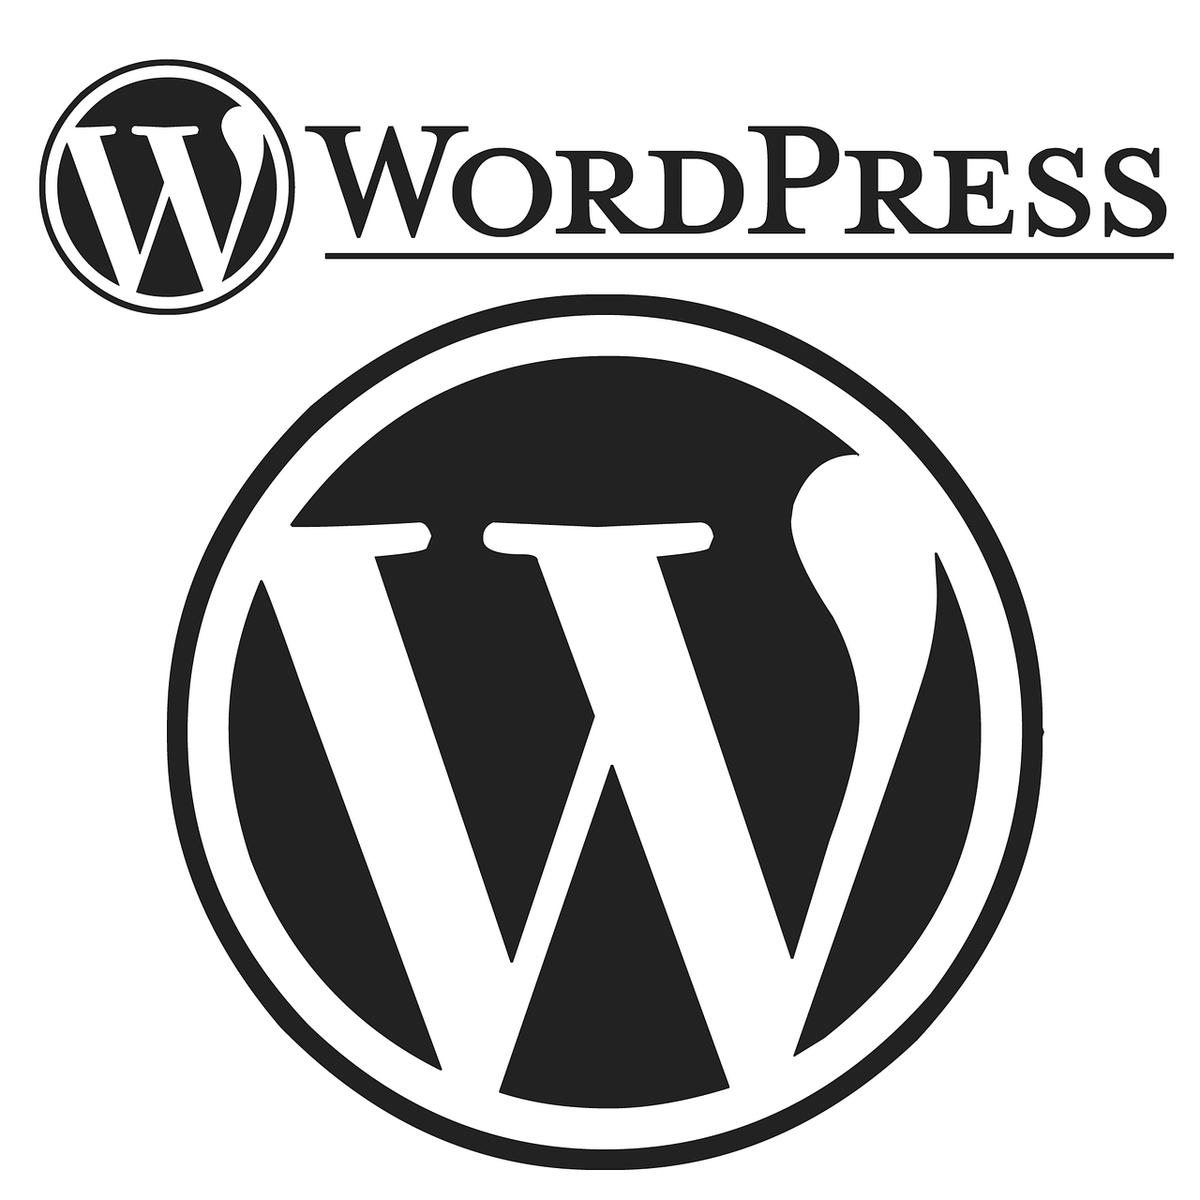 WordPressはやはり面白い!新ブログの紹介